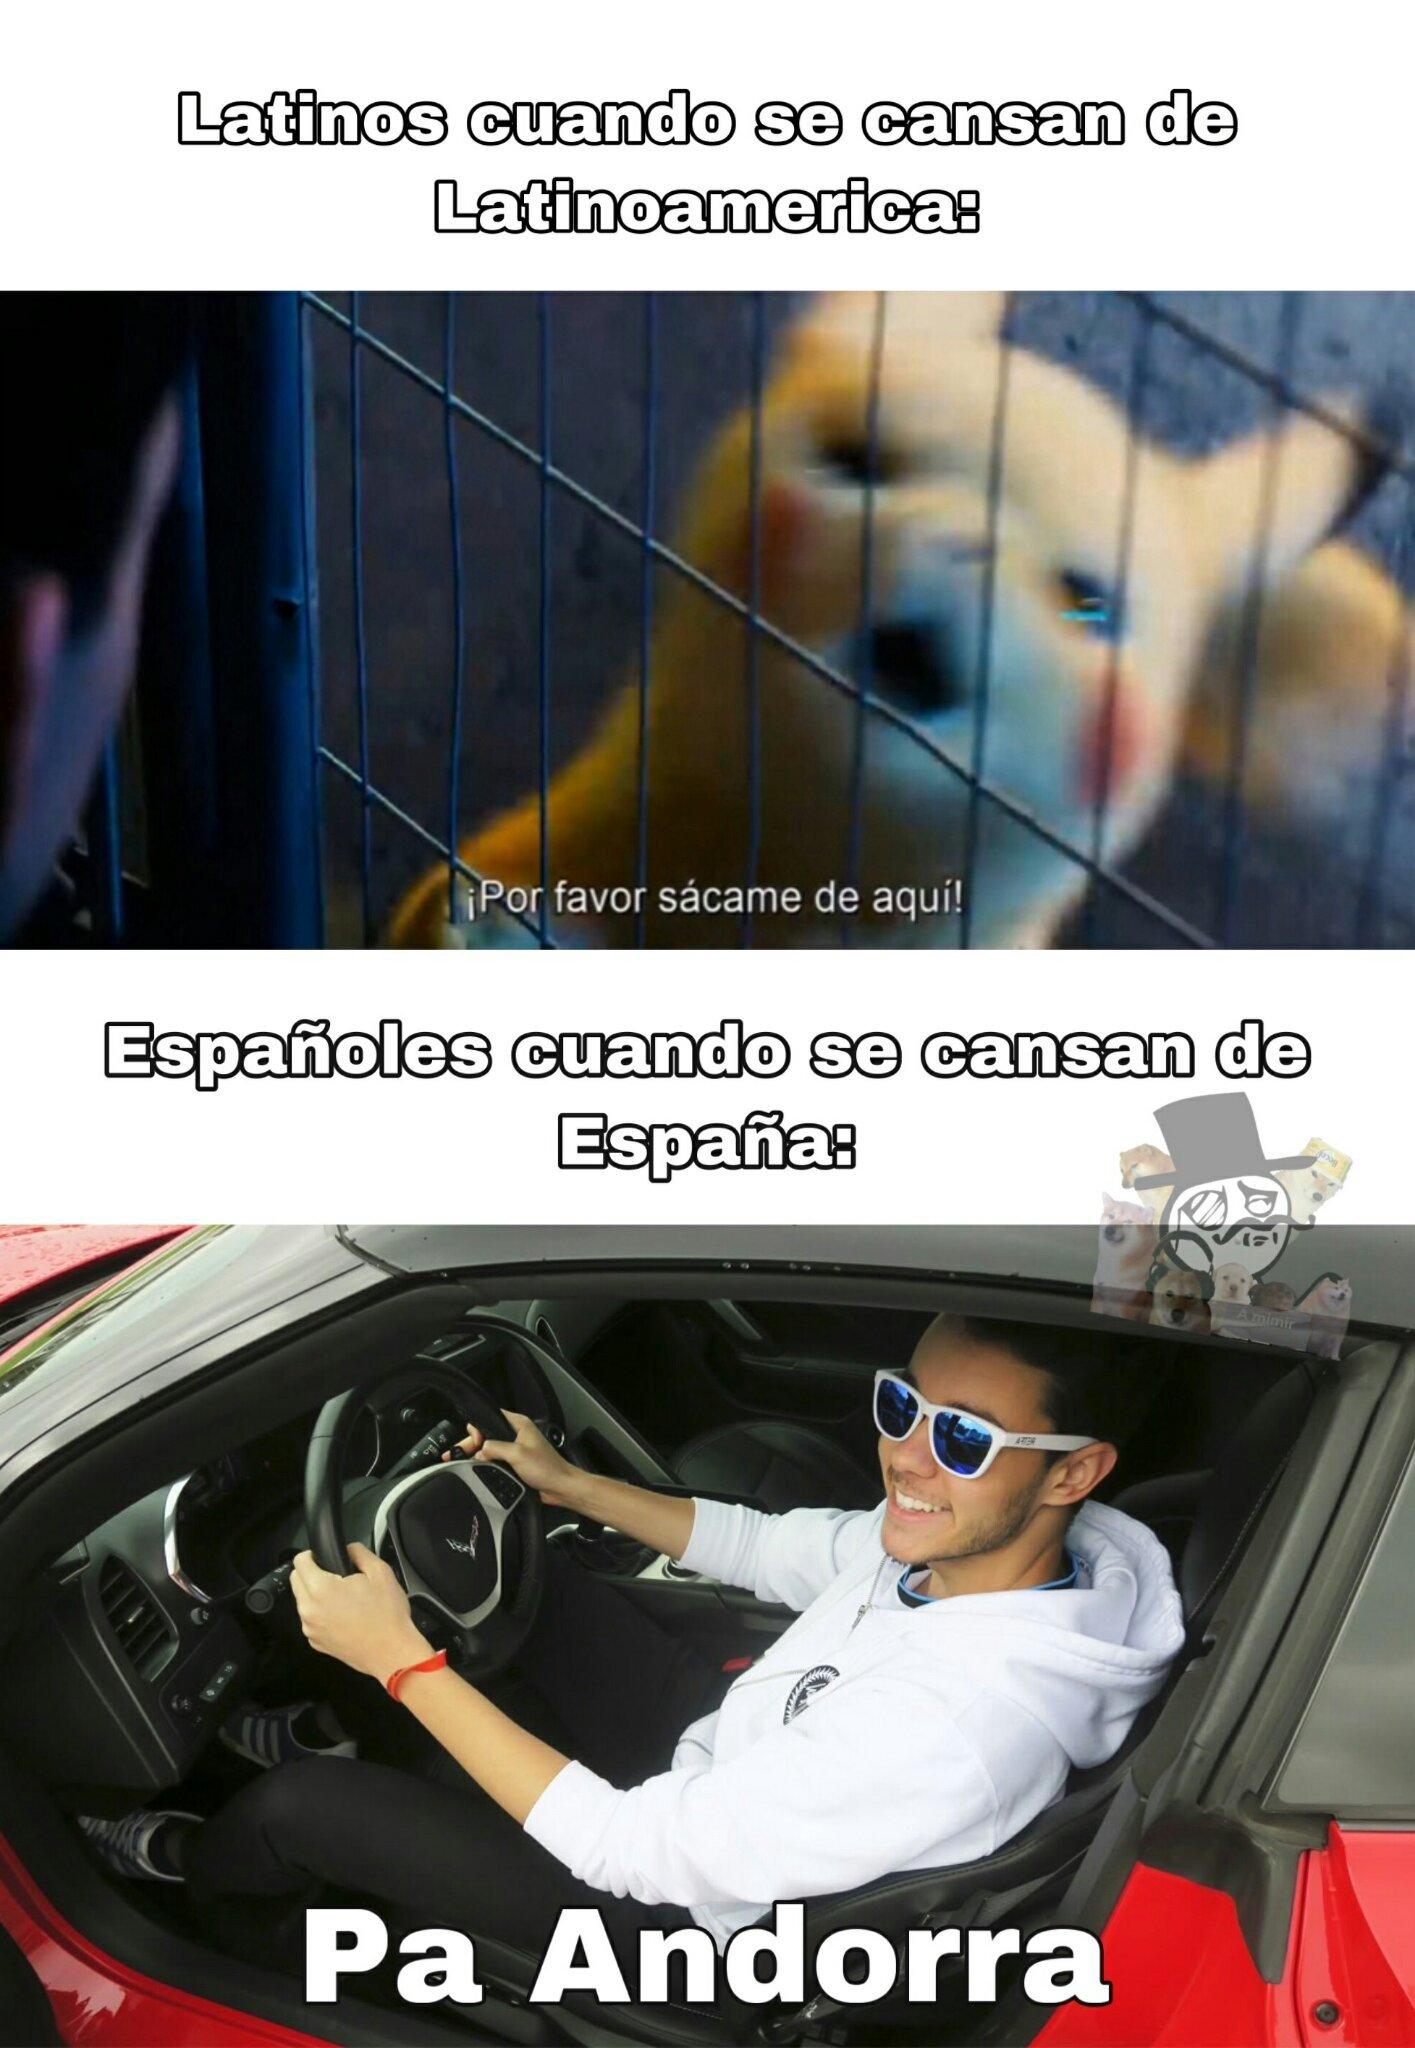 Pa andorra - meme